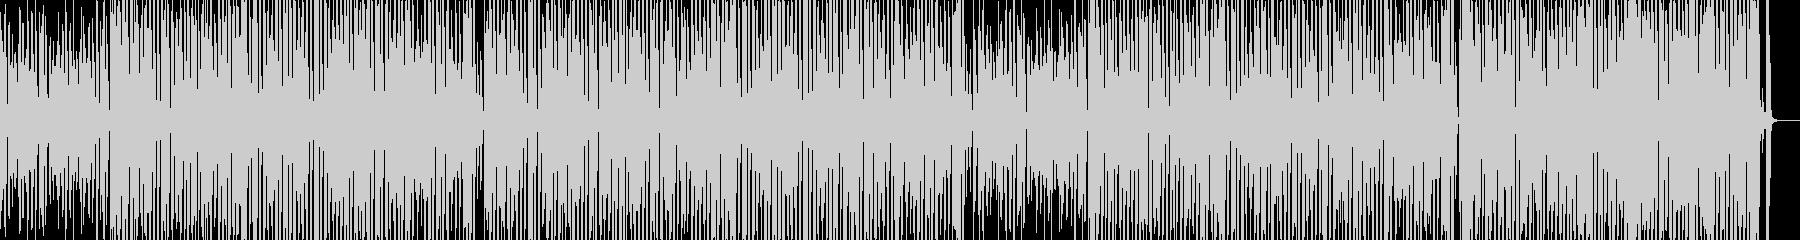 わくわくウキウキハッピータイムの未再生の波形